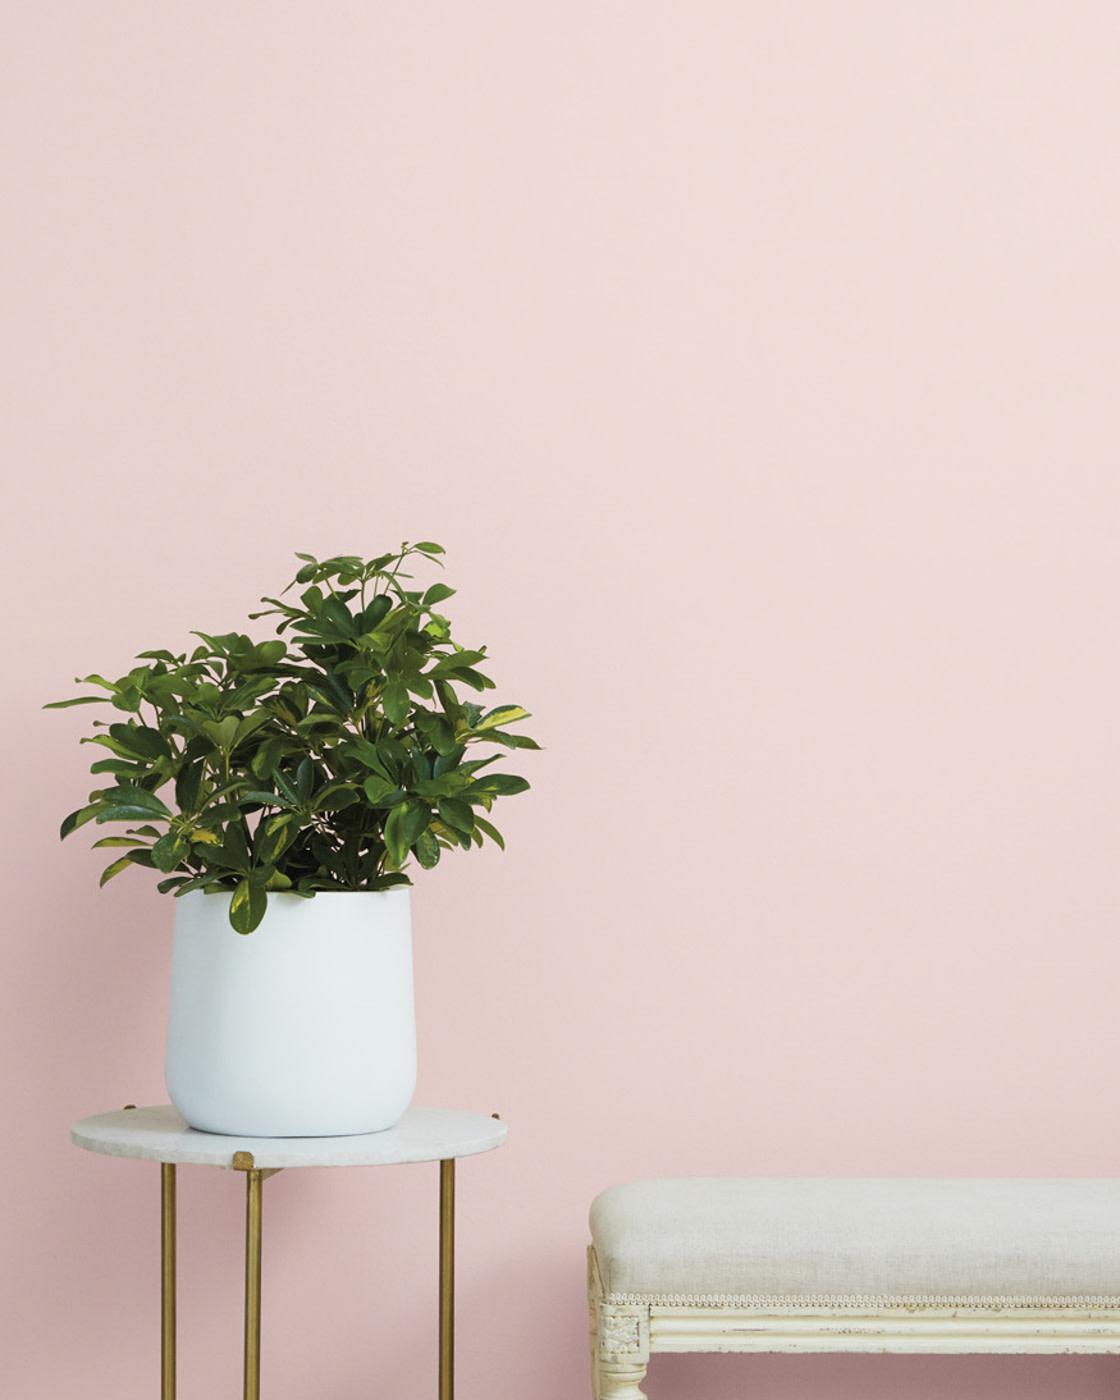 Ambiente de color Rosa